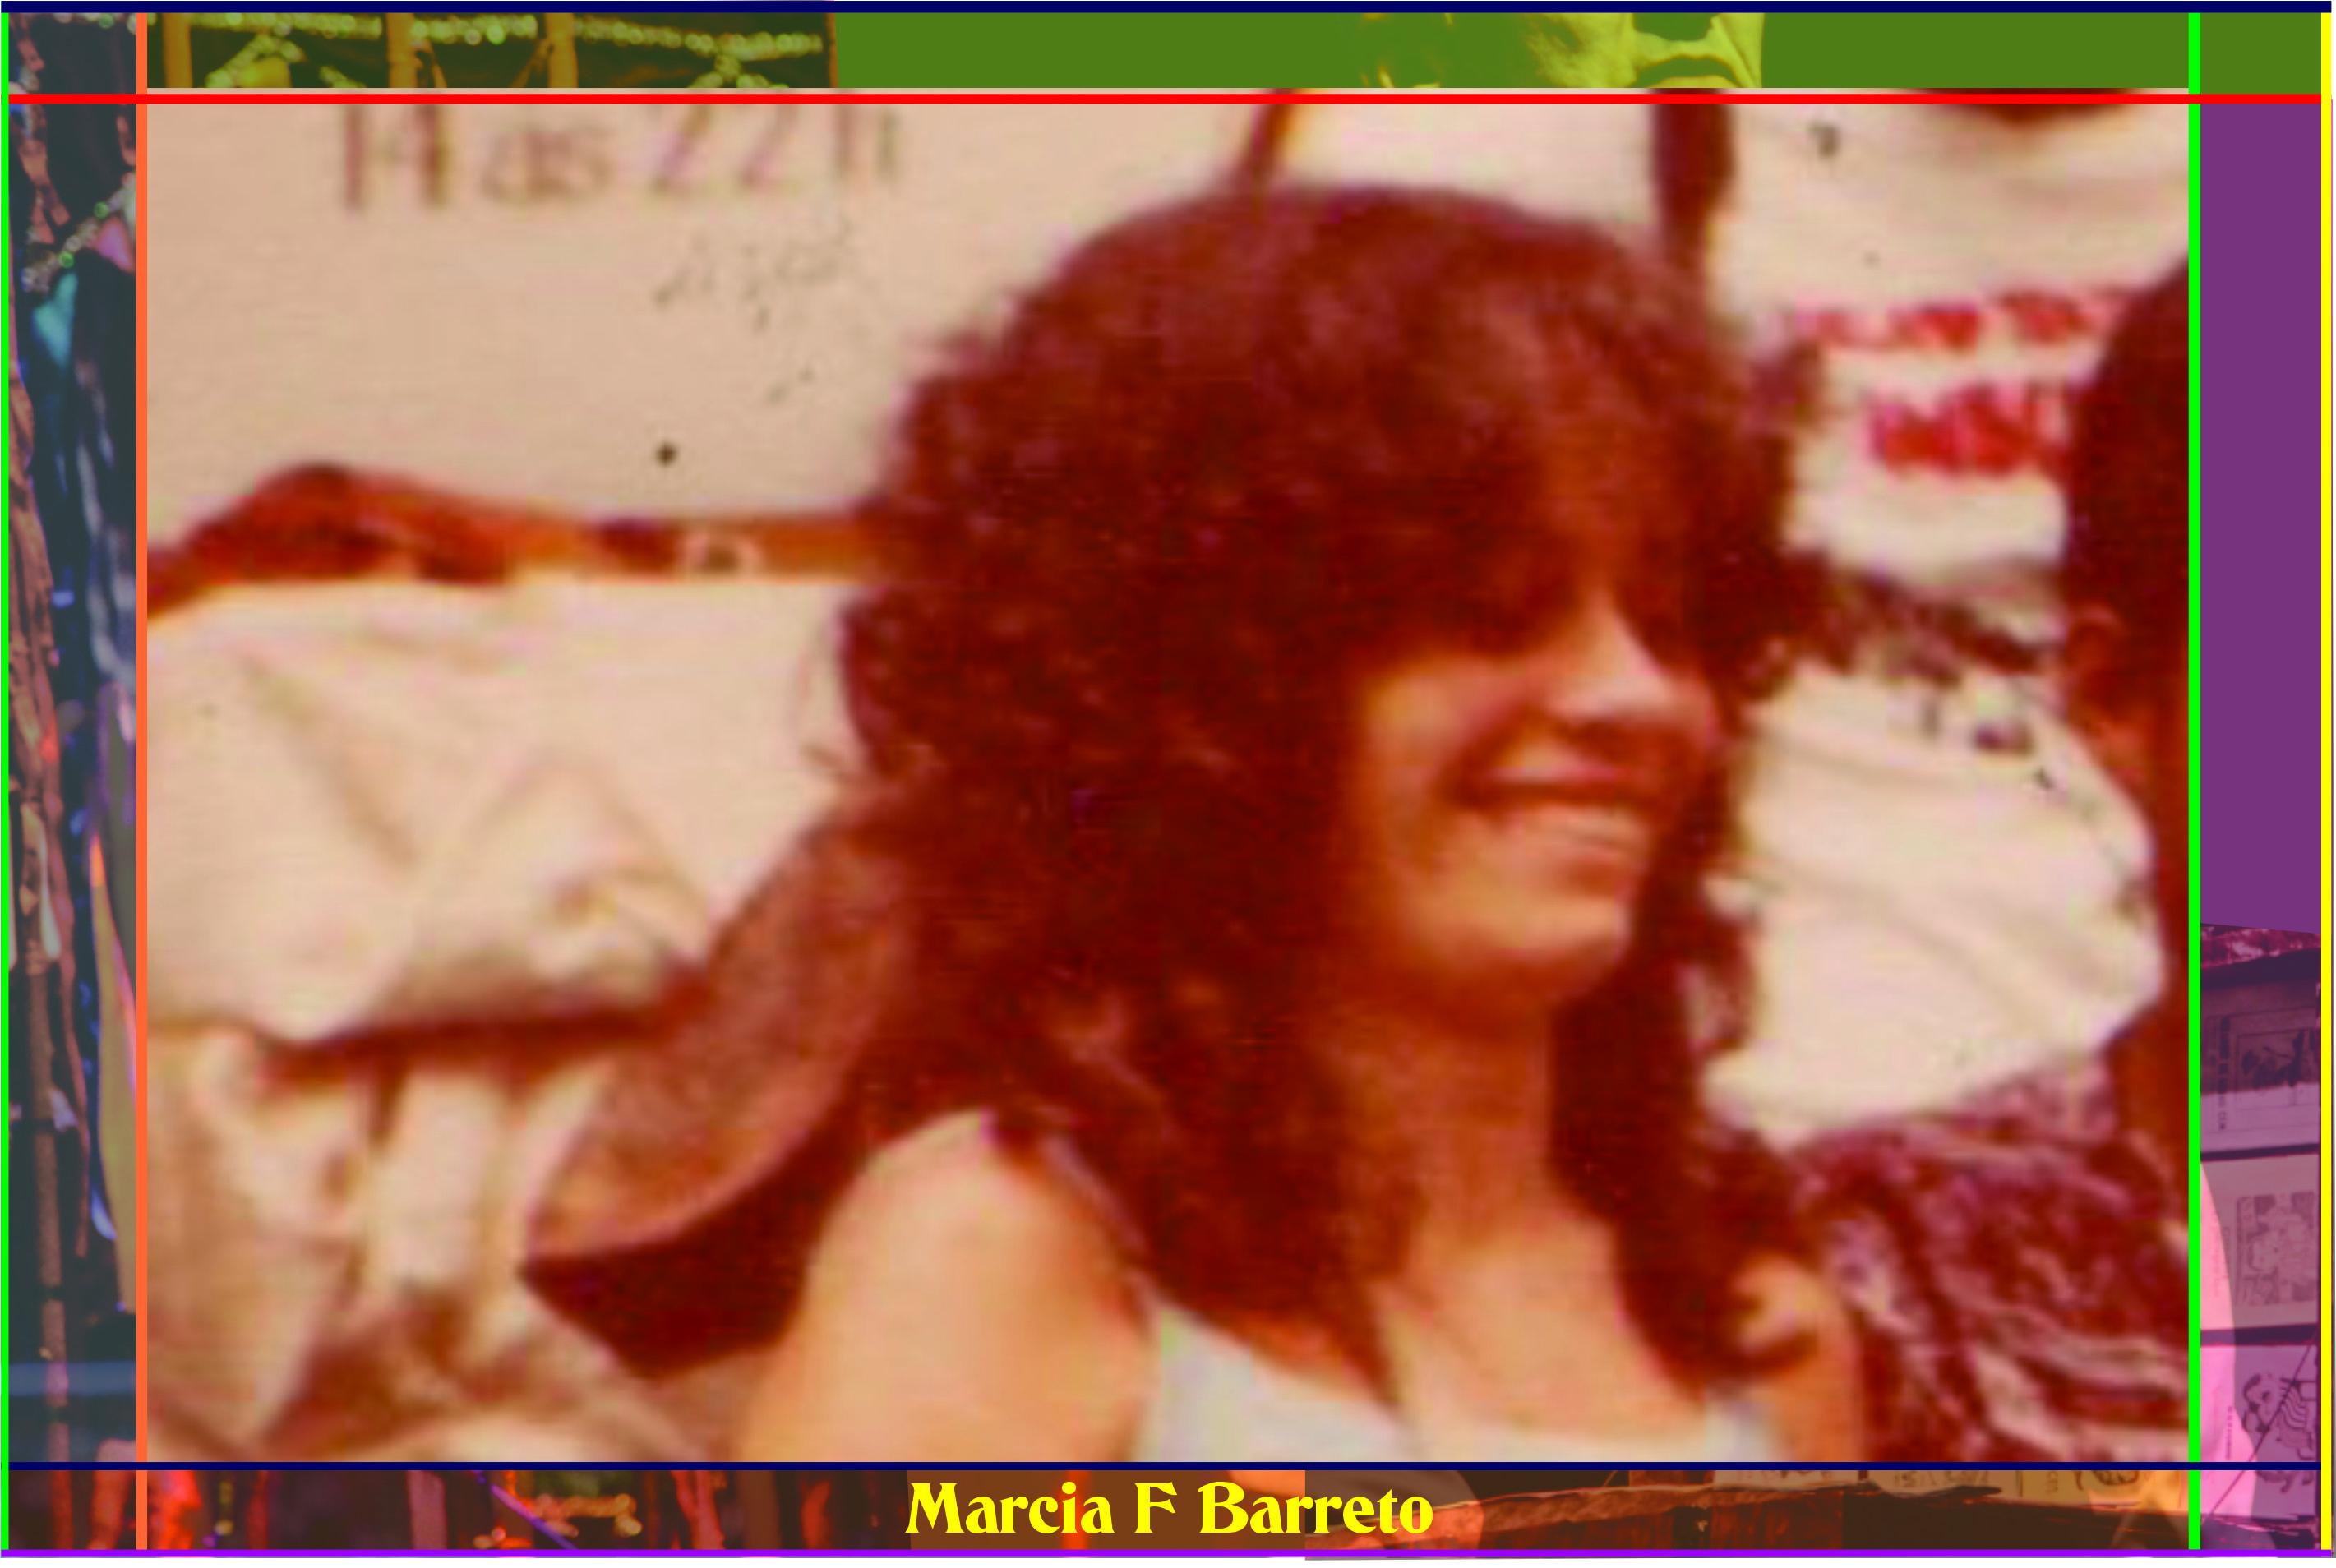 Marcia F Barreto